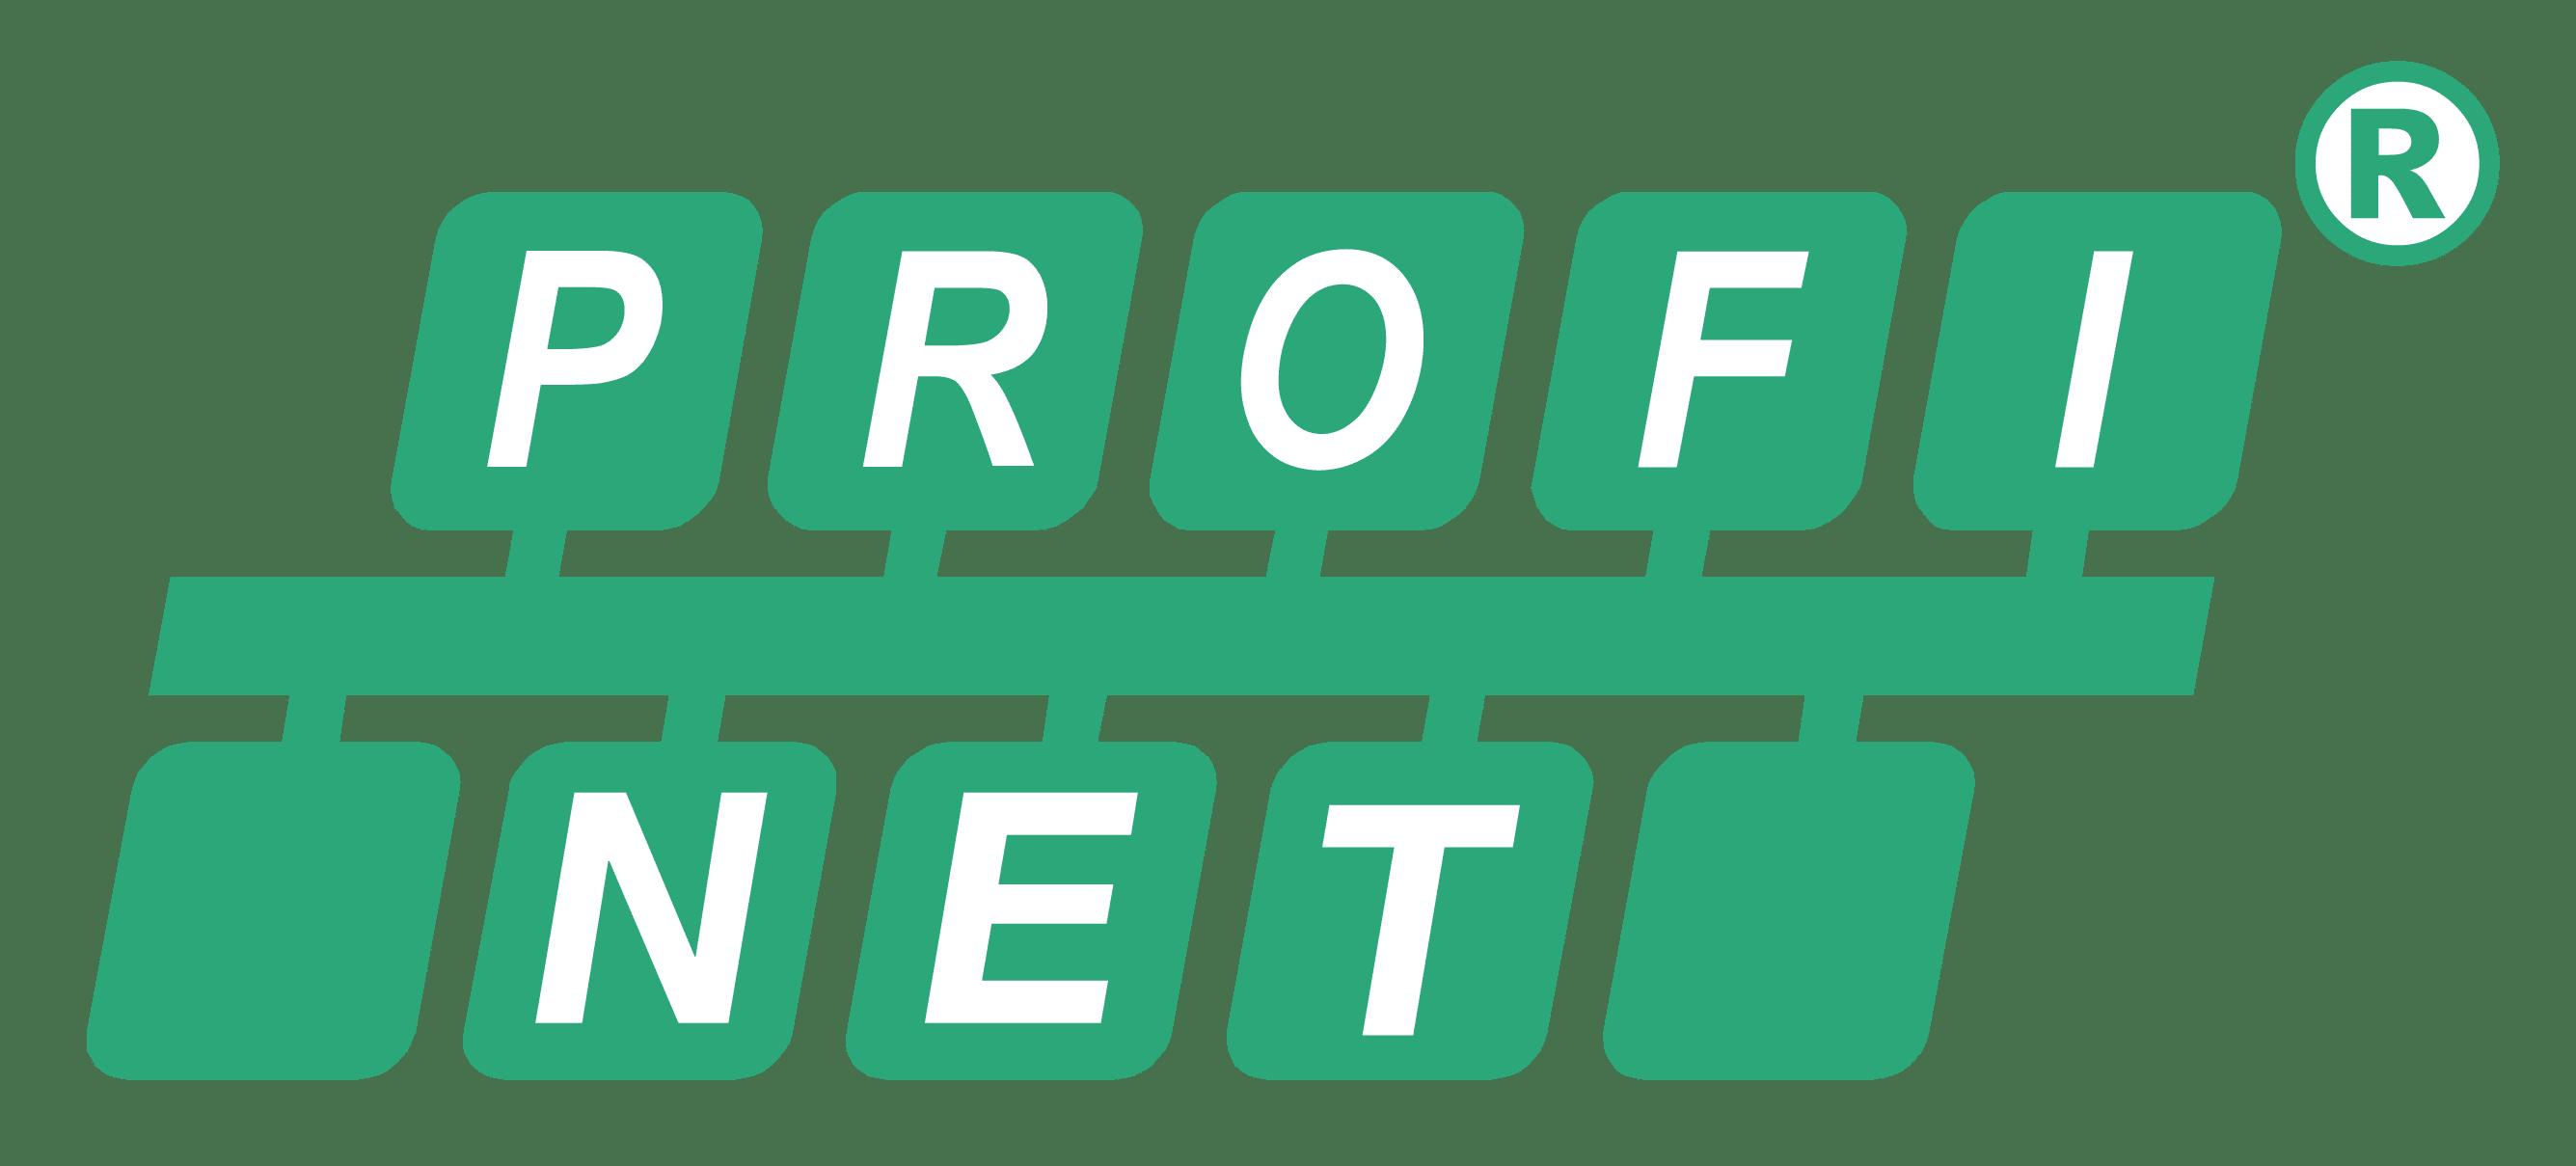 PROFINET Embedded Software Development